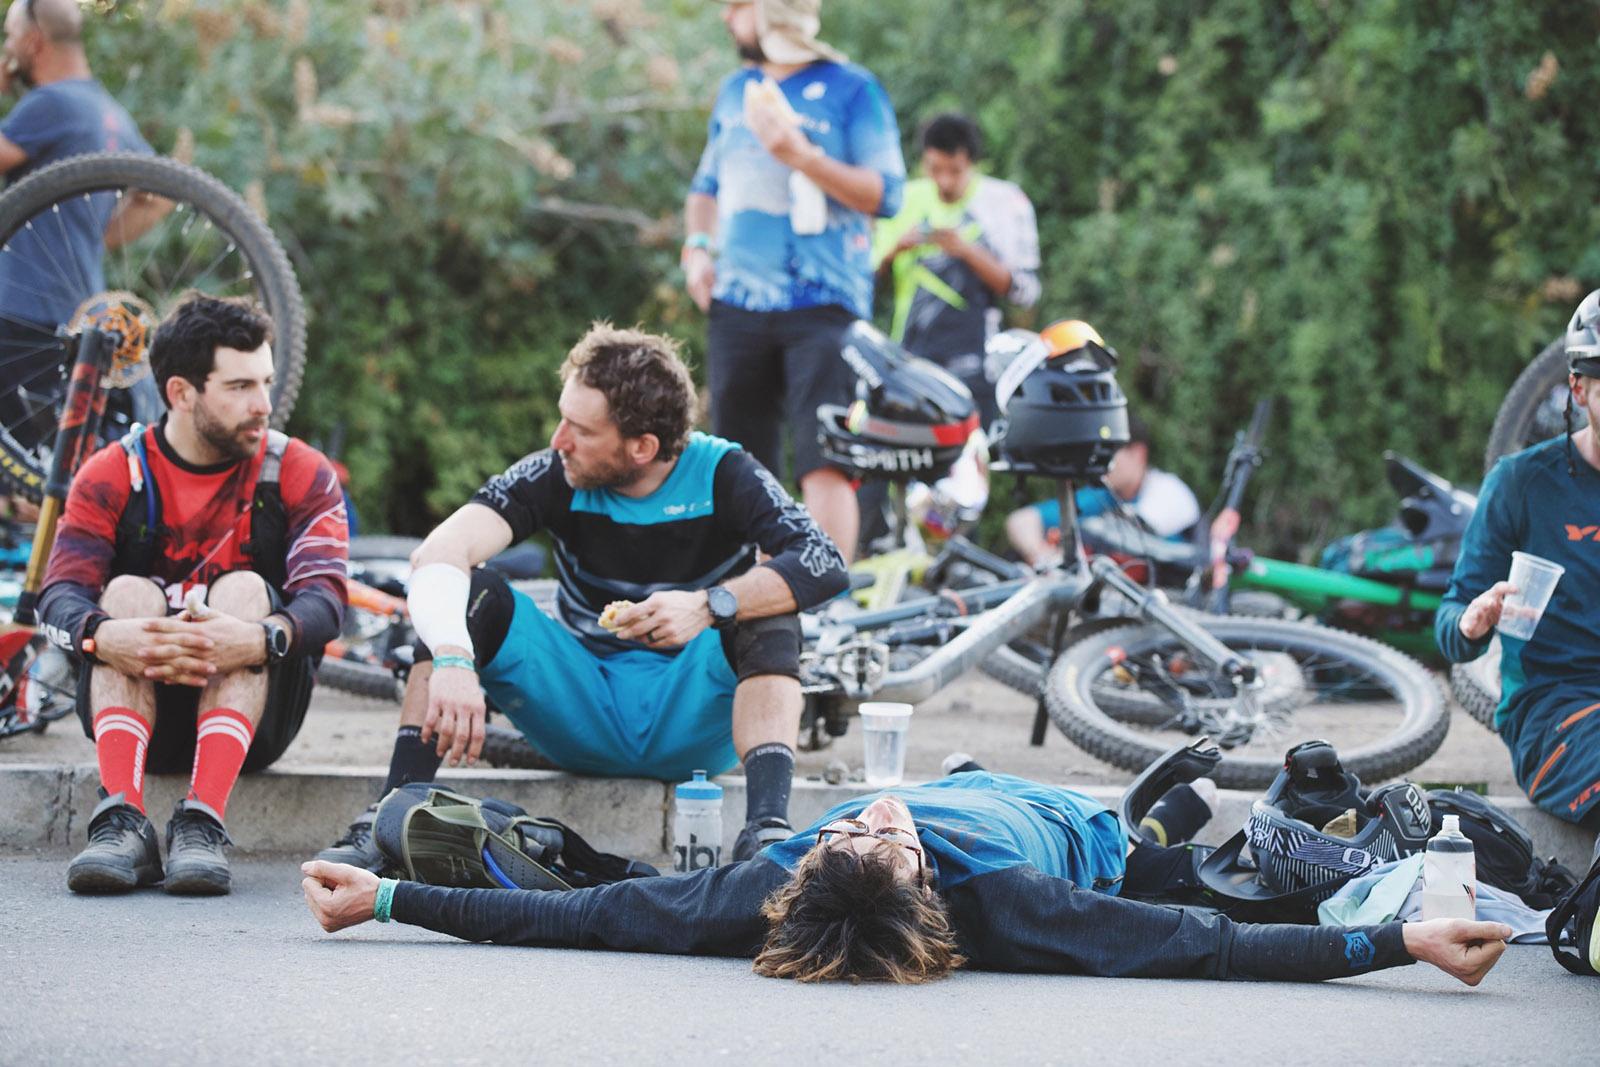 Santa Cruz Bicycles - Catching a Quick Nap at Andes Pacifico